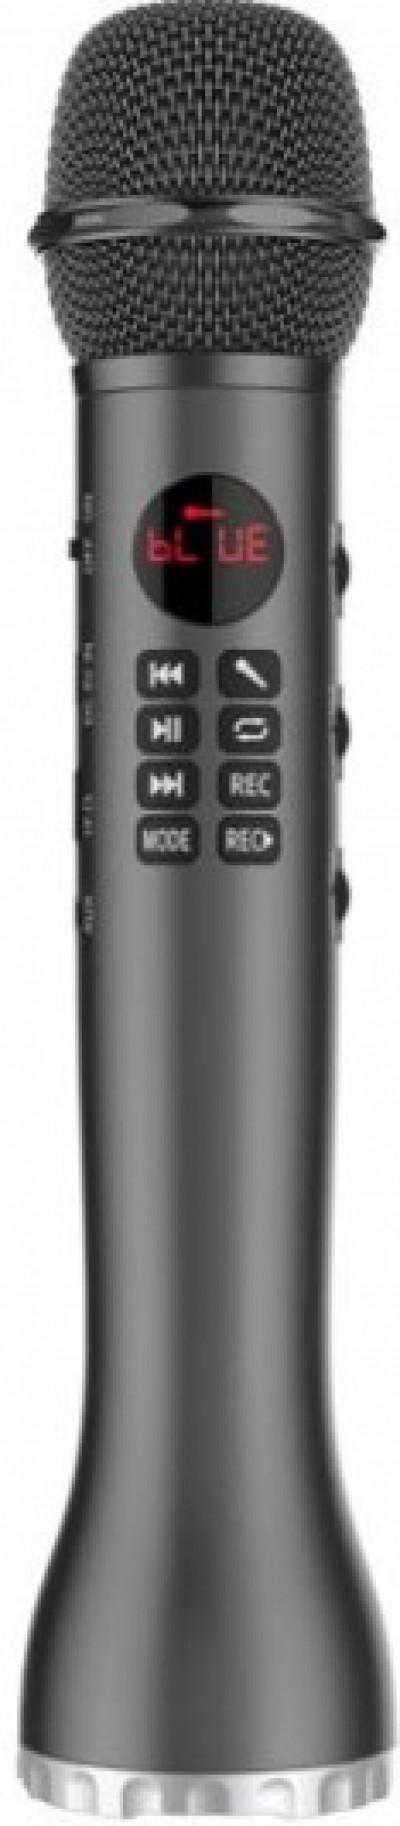 Микрофон DIVA L-598